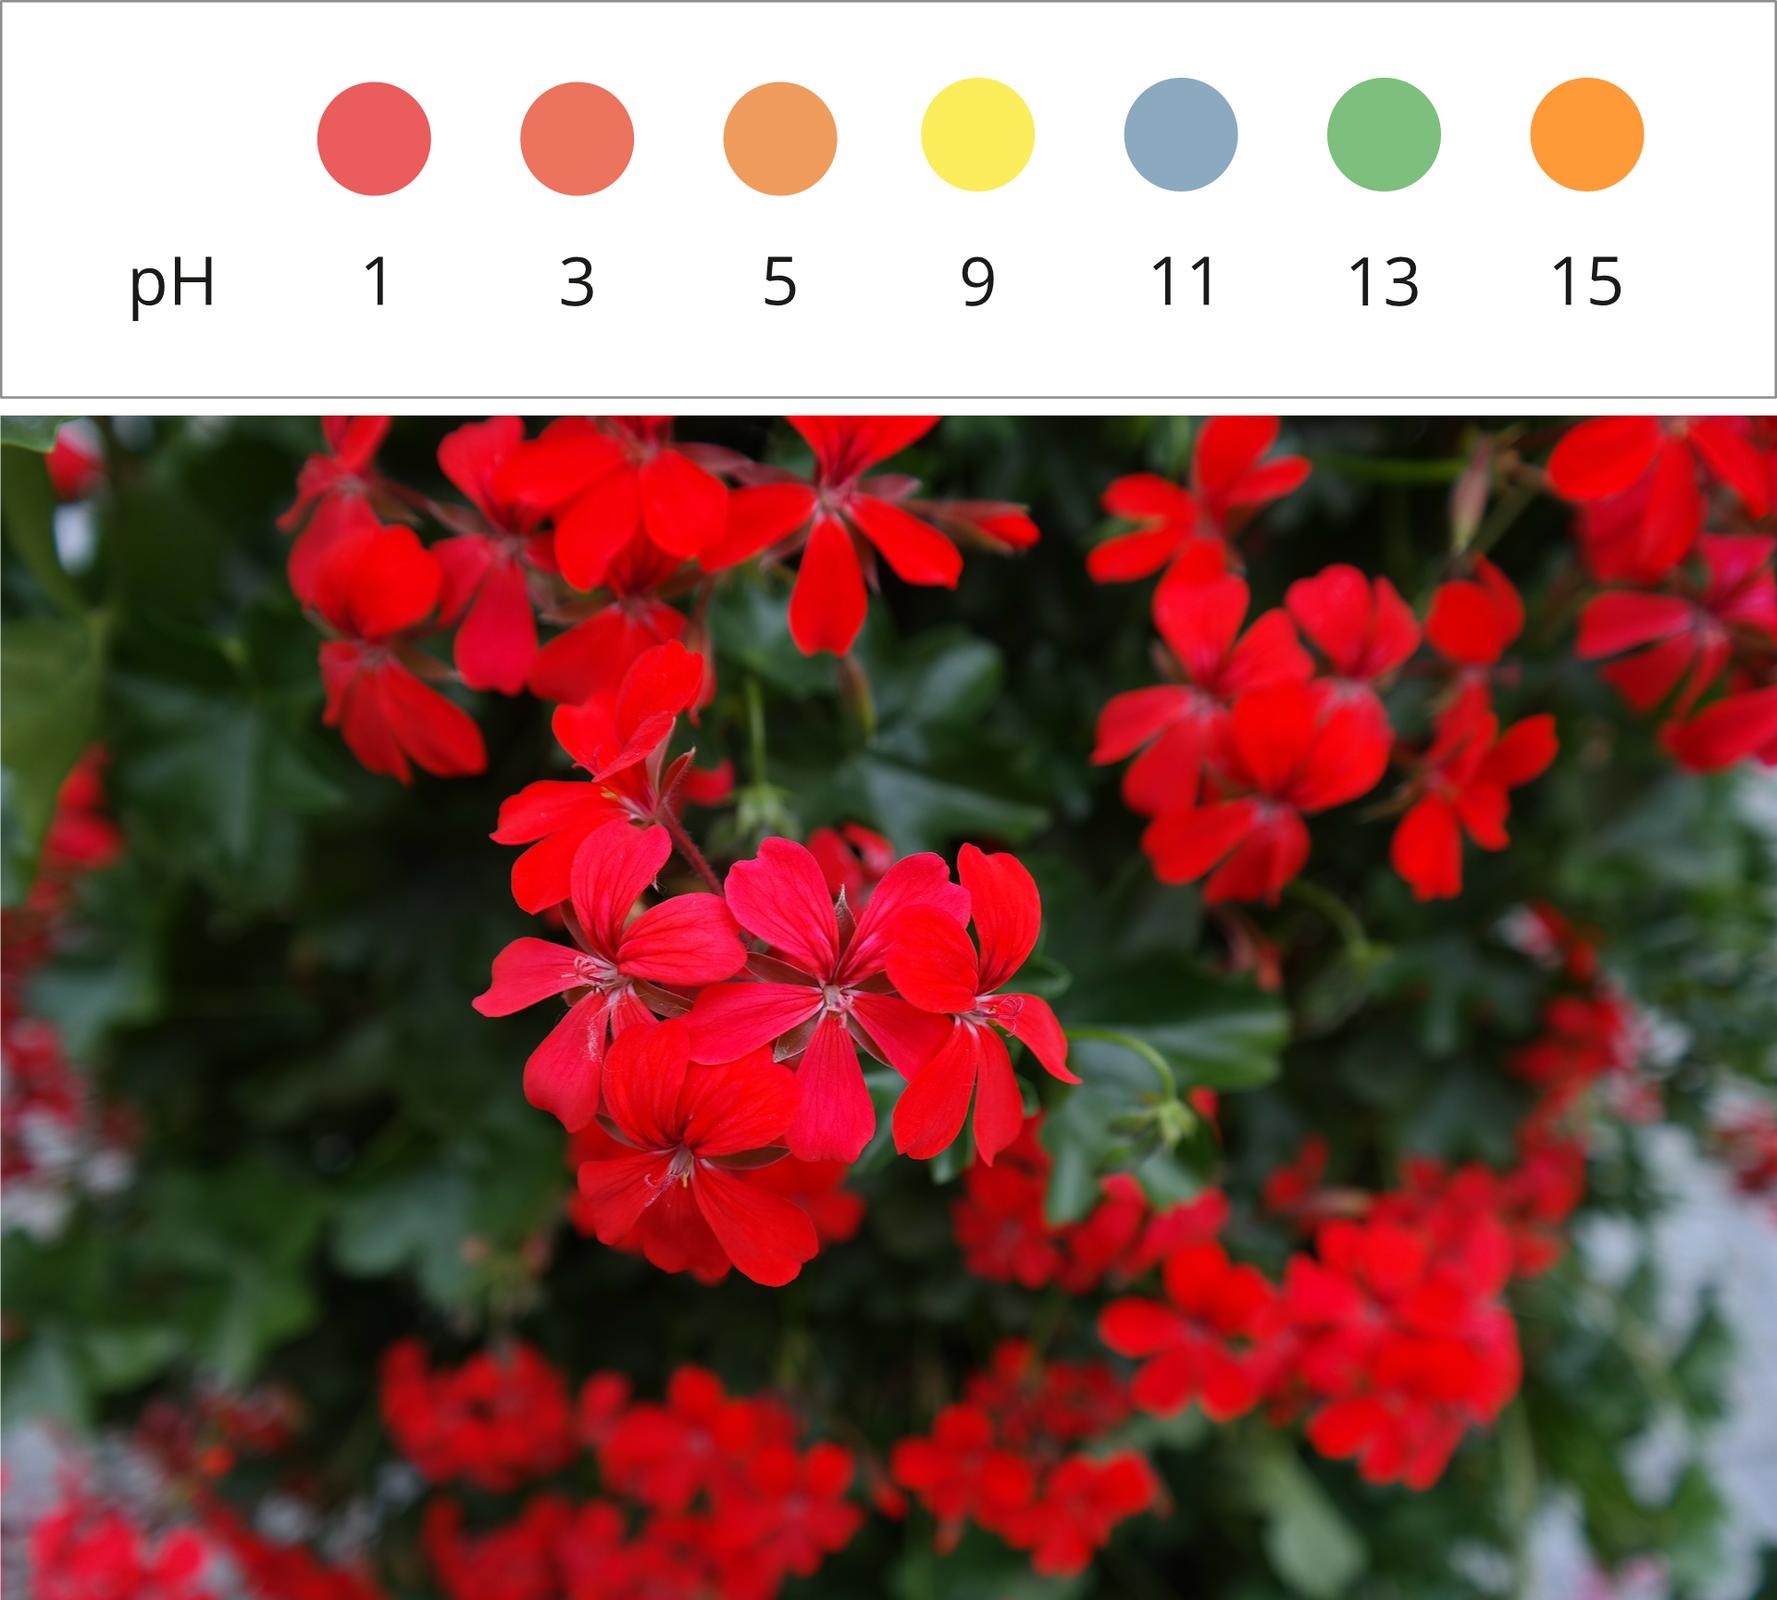 Ilustracja przedstawia wykonane zbliska zdjęcie czerwonych kwiatów pelargonii wpełnym rozkwicie. Nad zdjęciem znajduje się skala barwna informująca otym, jak zmienia się kolor kwiatów wzależności od odczynu środowiska. Płatki naturalnie czerwone wkontakcie zsubstancjami oróżnym roztworze zmieniają kolor na jasnoczerwony przy pH 3, pomarańczowy przy pH 5, żółty przy pH 9, bladoniebieski przy pH 11, zielony przy pH 13 iintensywnie pomarańczowy przy pH 15.